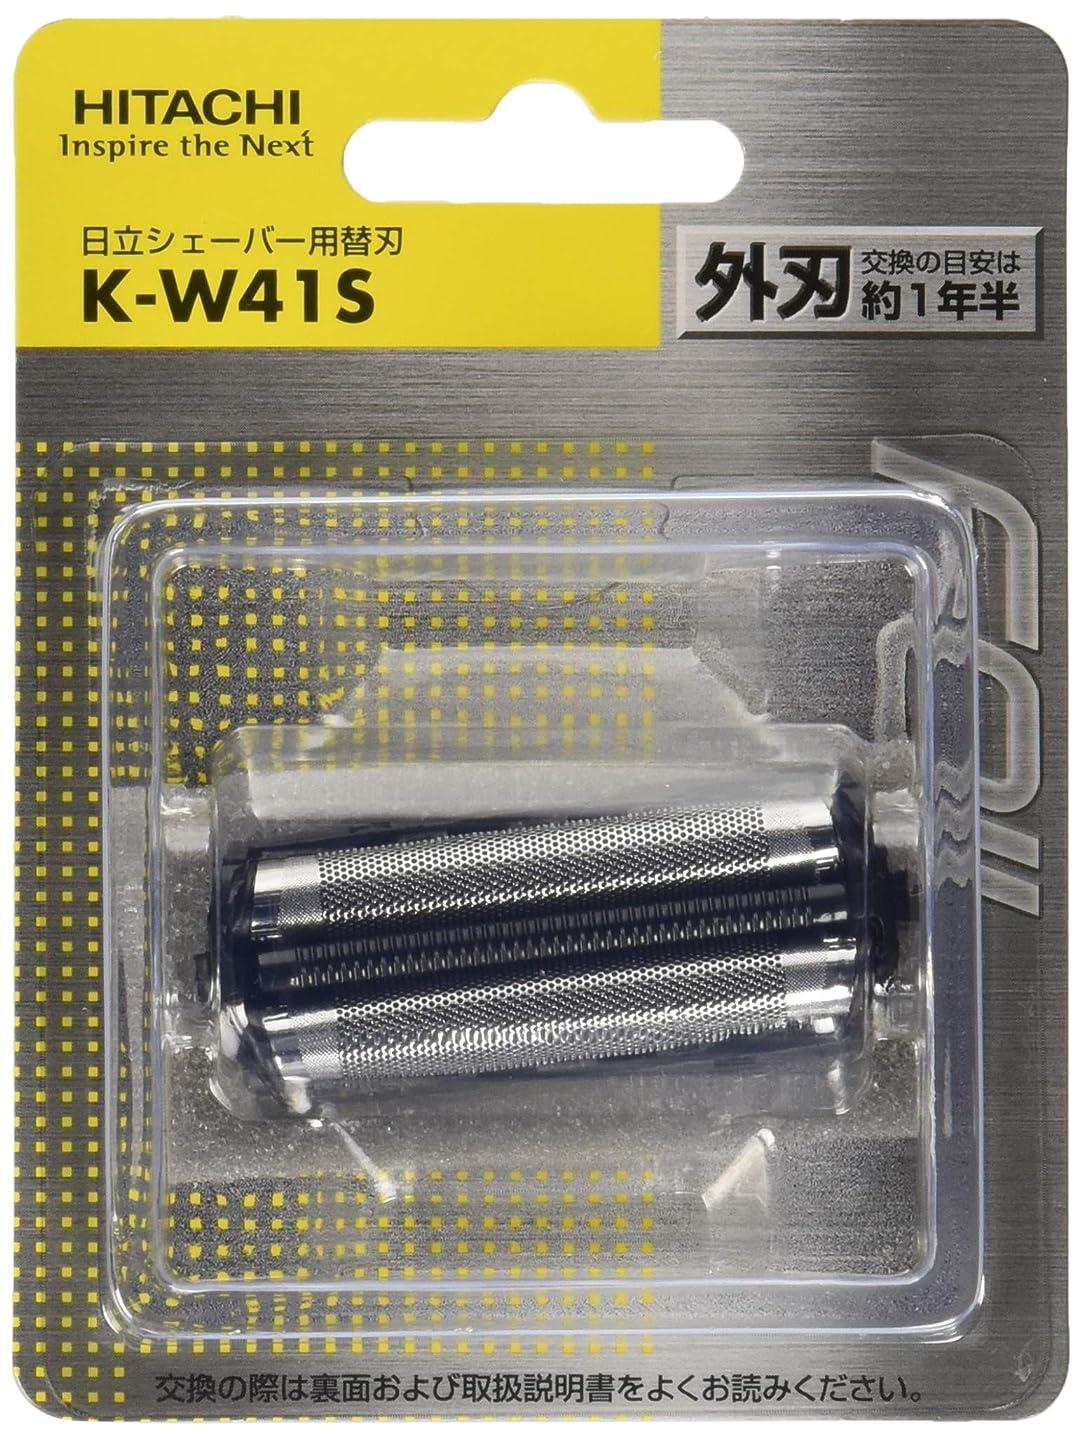 理解する減らす日立 シェーバー用替刃(外刃) K-W41S